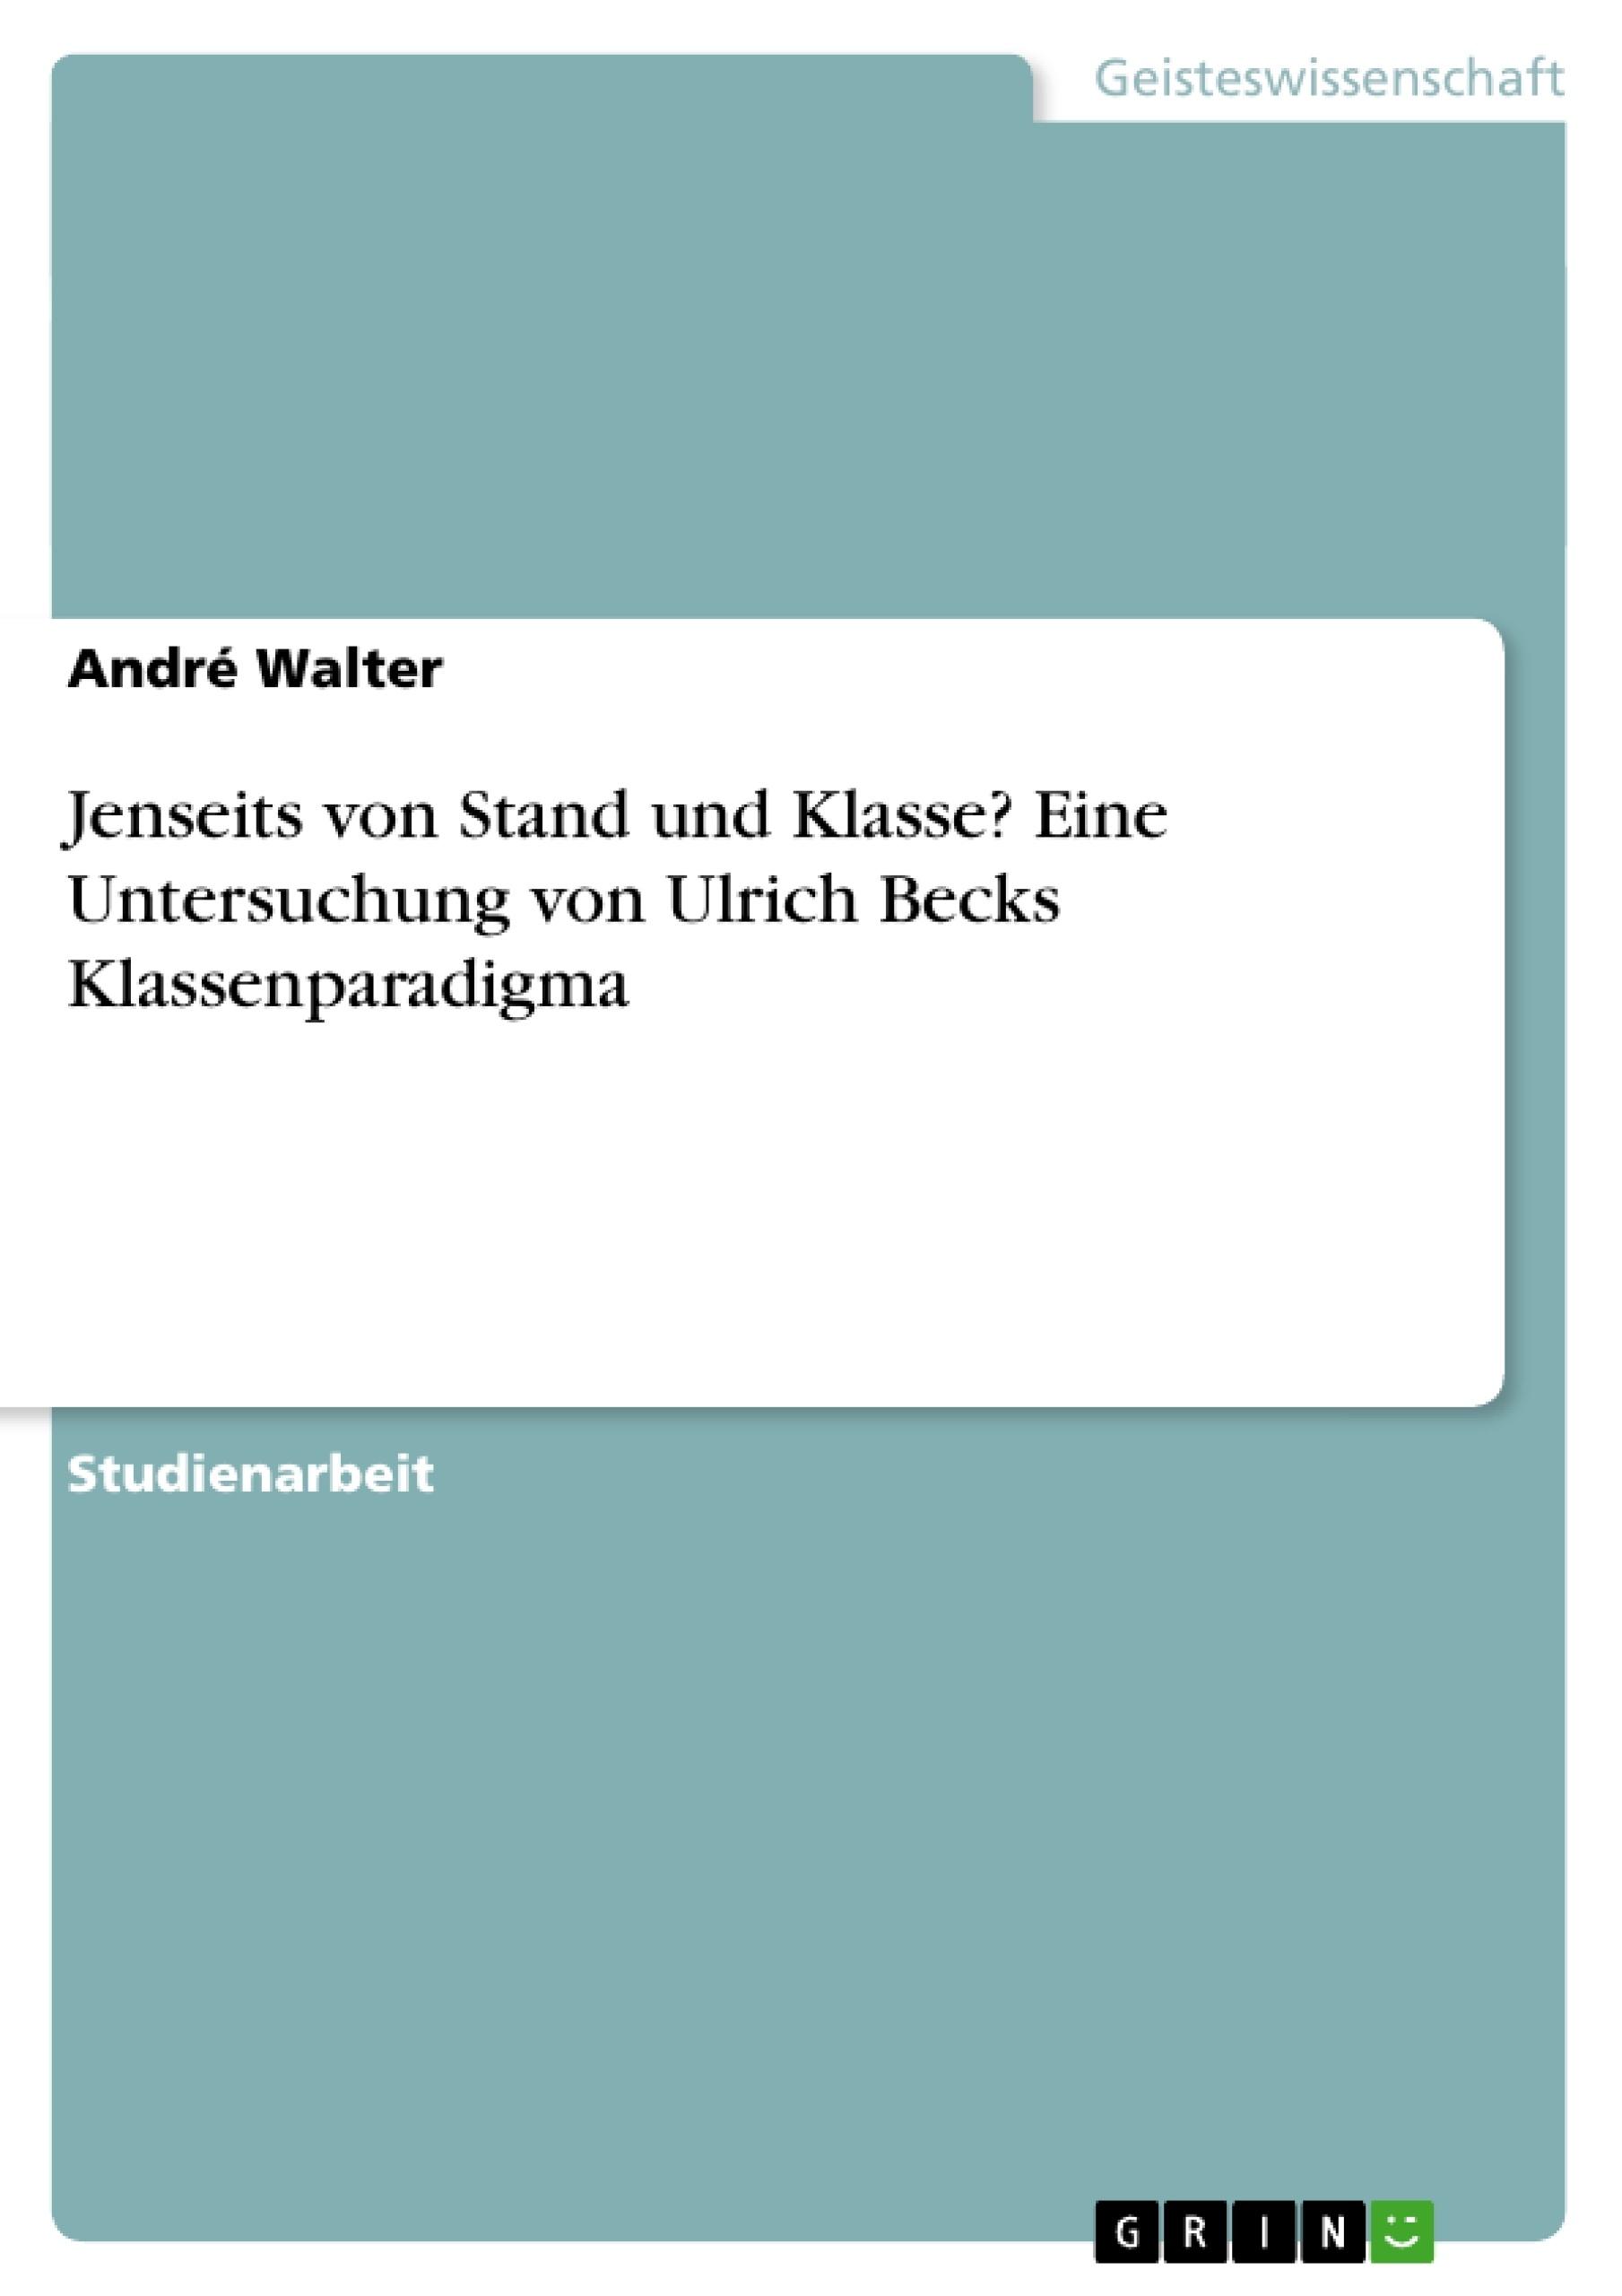 Titel: Jenseits von Stand und Klasse? Eine Untersuchung von Ulrich Becks Klassenparadigma